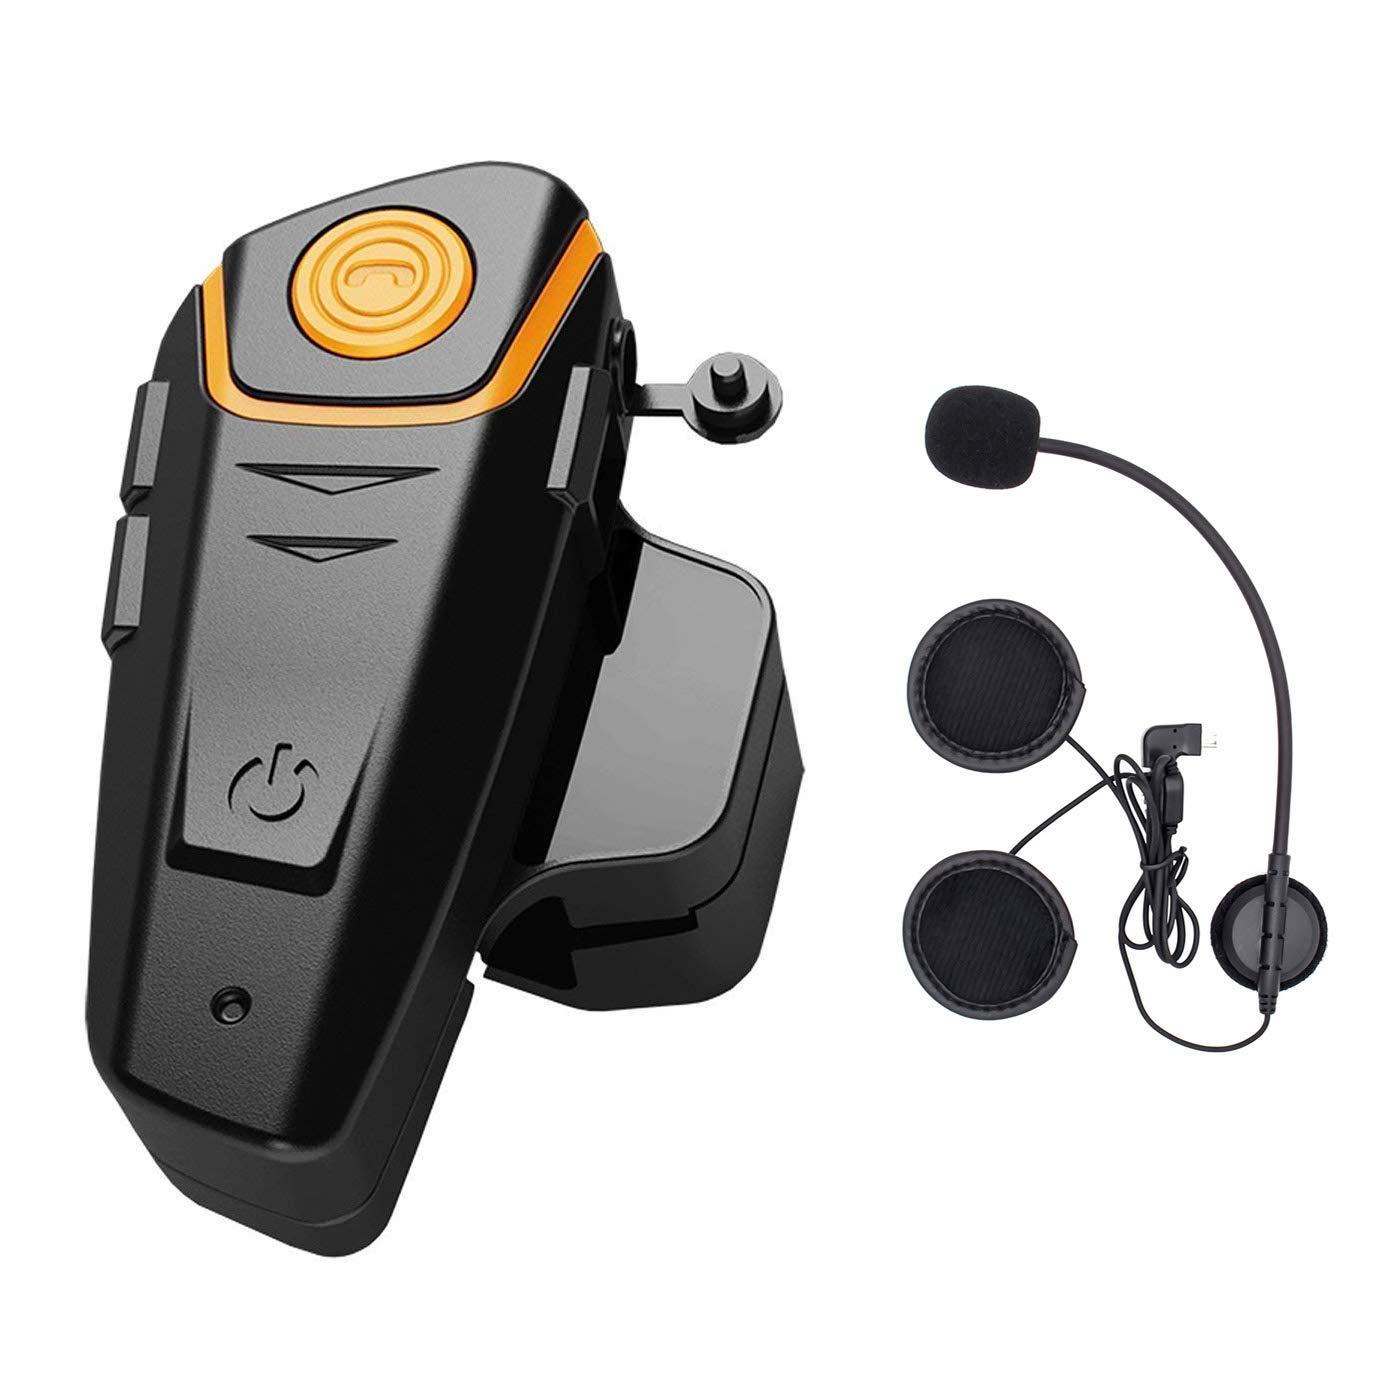 ENCHICAS 2x BT S2 Intercomunicador Casco Moto Manos Libres Auriculares Sistema de Comunicació n por Bluetooth para Motocicletas Victory Technology BT-S2